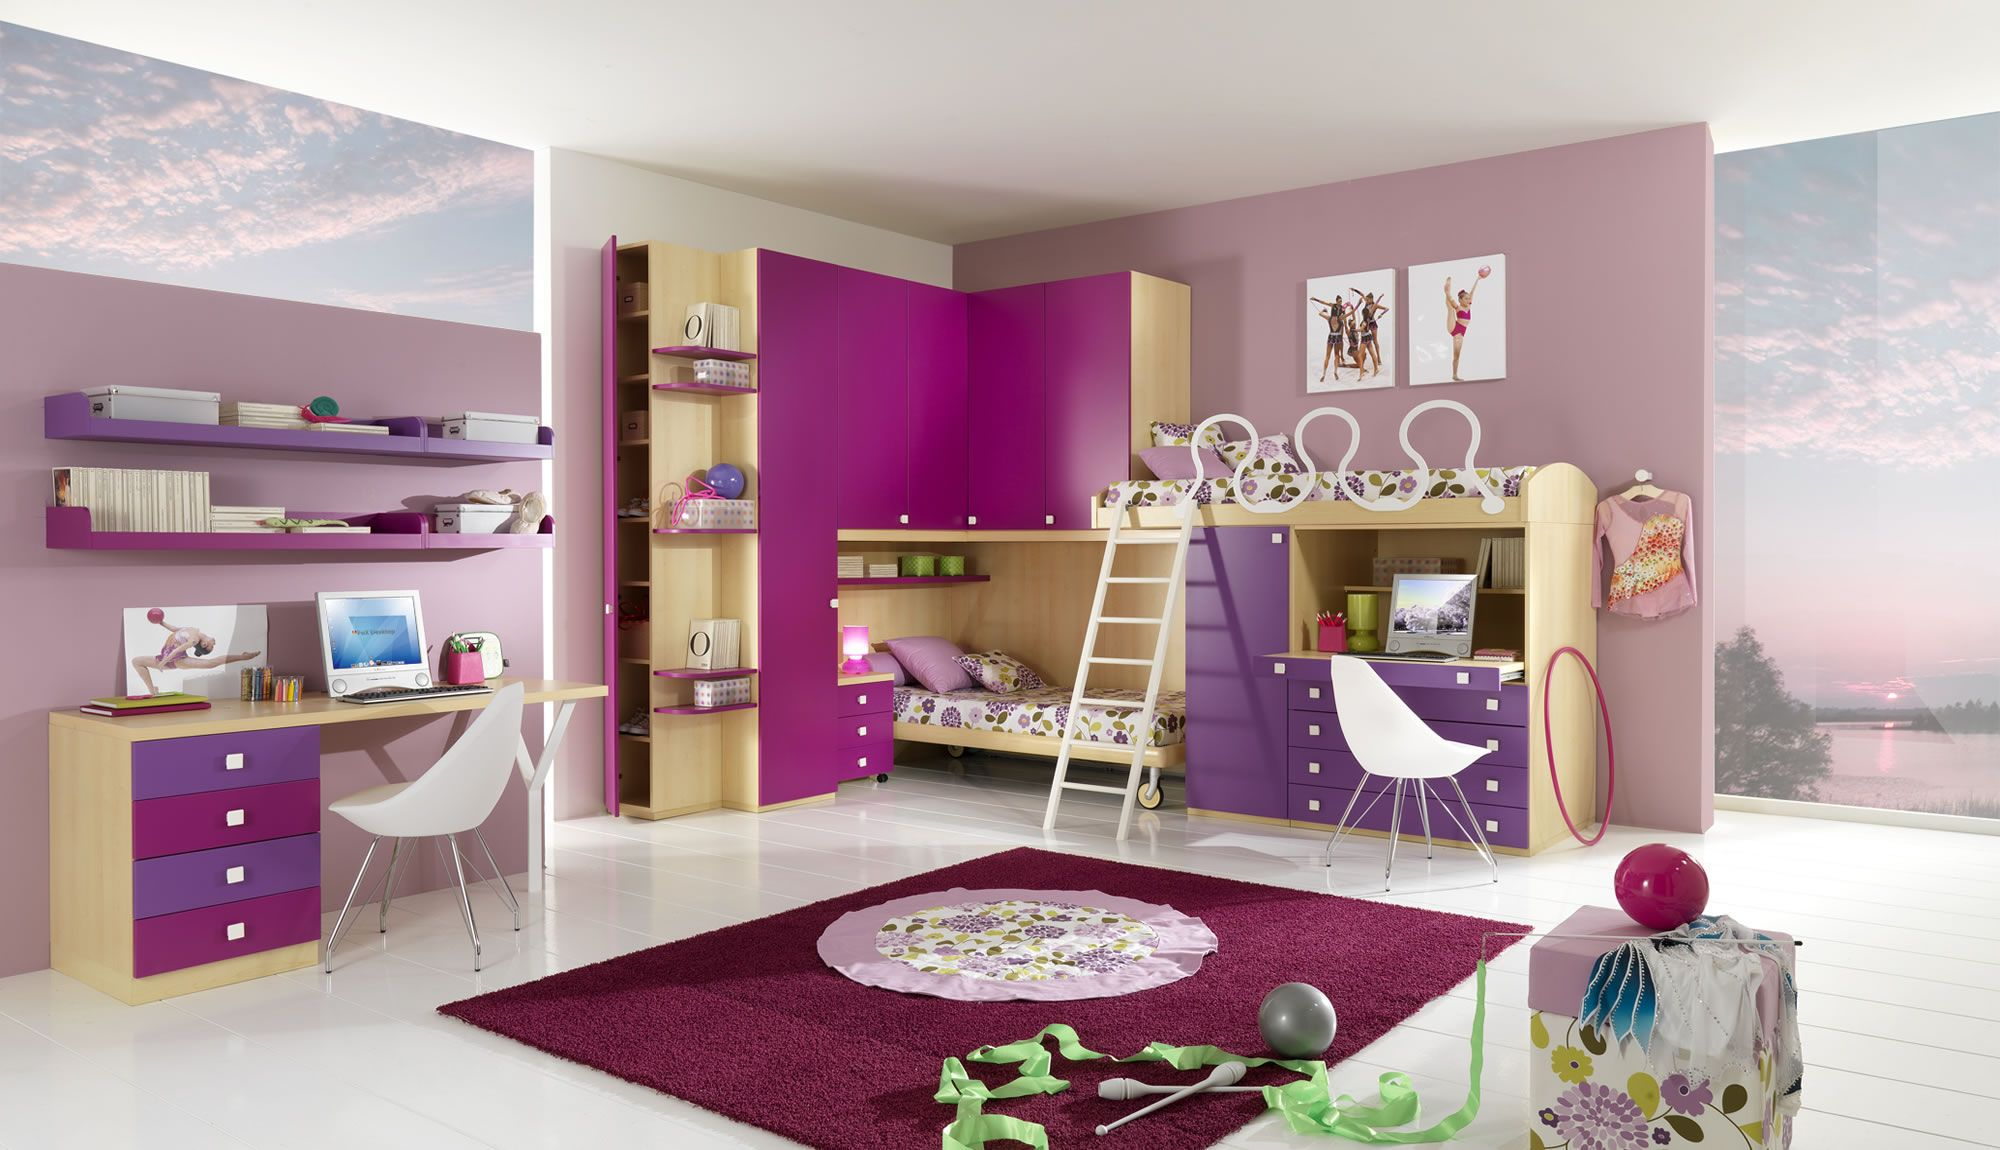 kinderzimmer f r jungen und m dchen w18 giessegi kiahs room zimmer pinterest. Black Bedroom Furniture Sets. Home Design Ideas